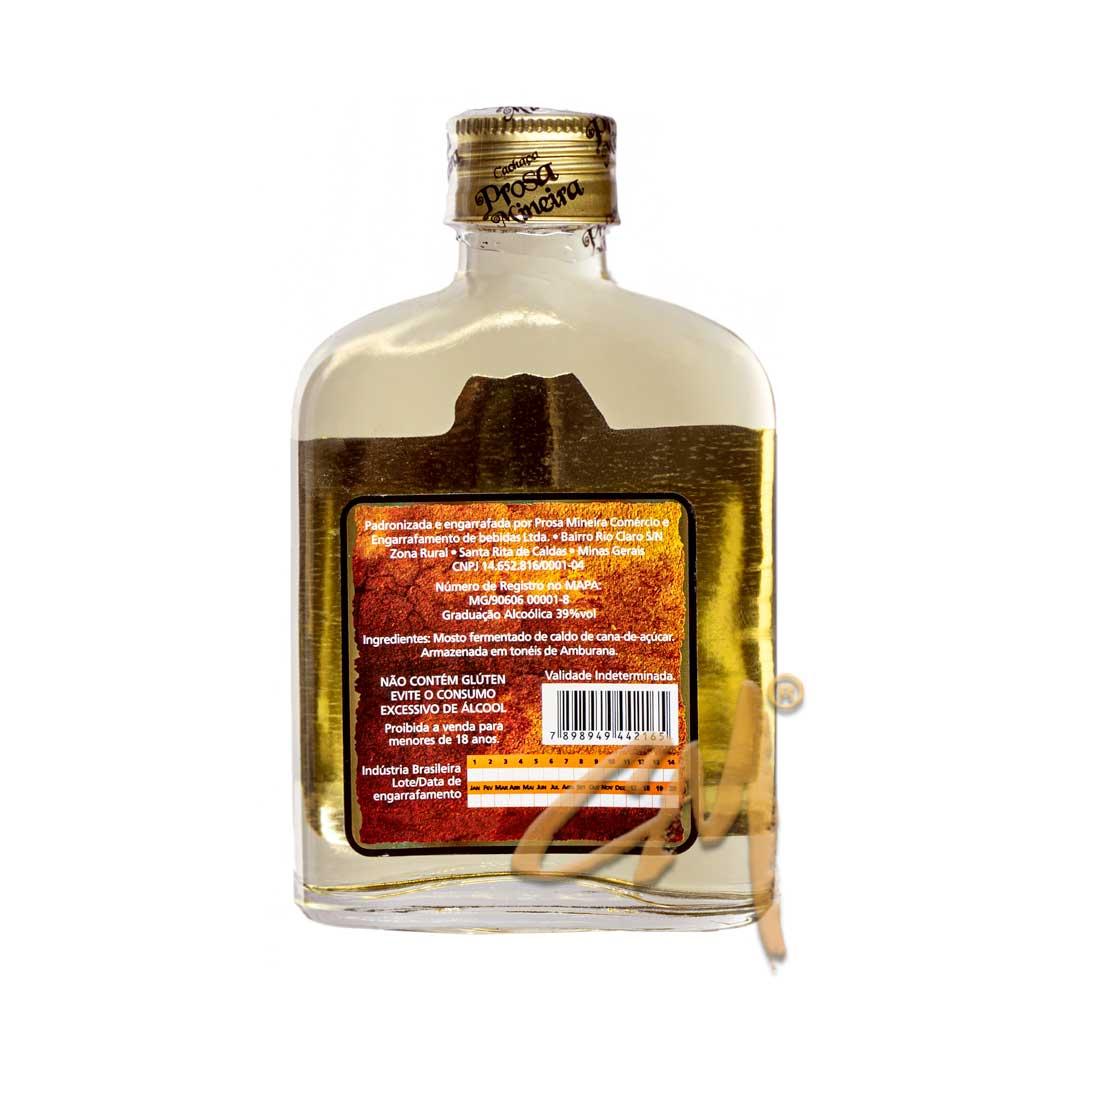 Cachaça Prosa Mineira Amburana 160 ml (Sta Rita de Caldas - MG)